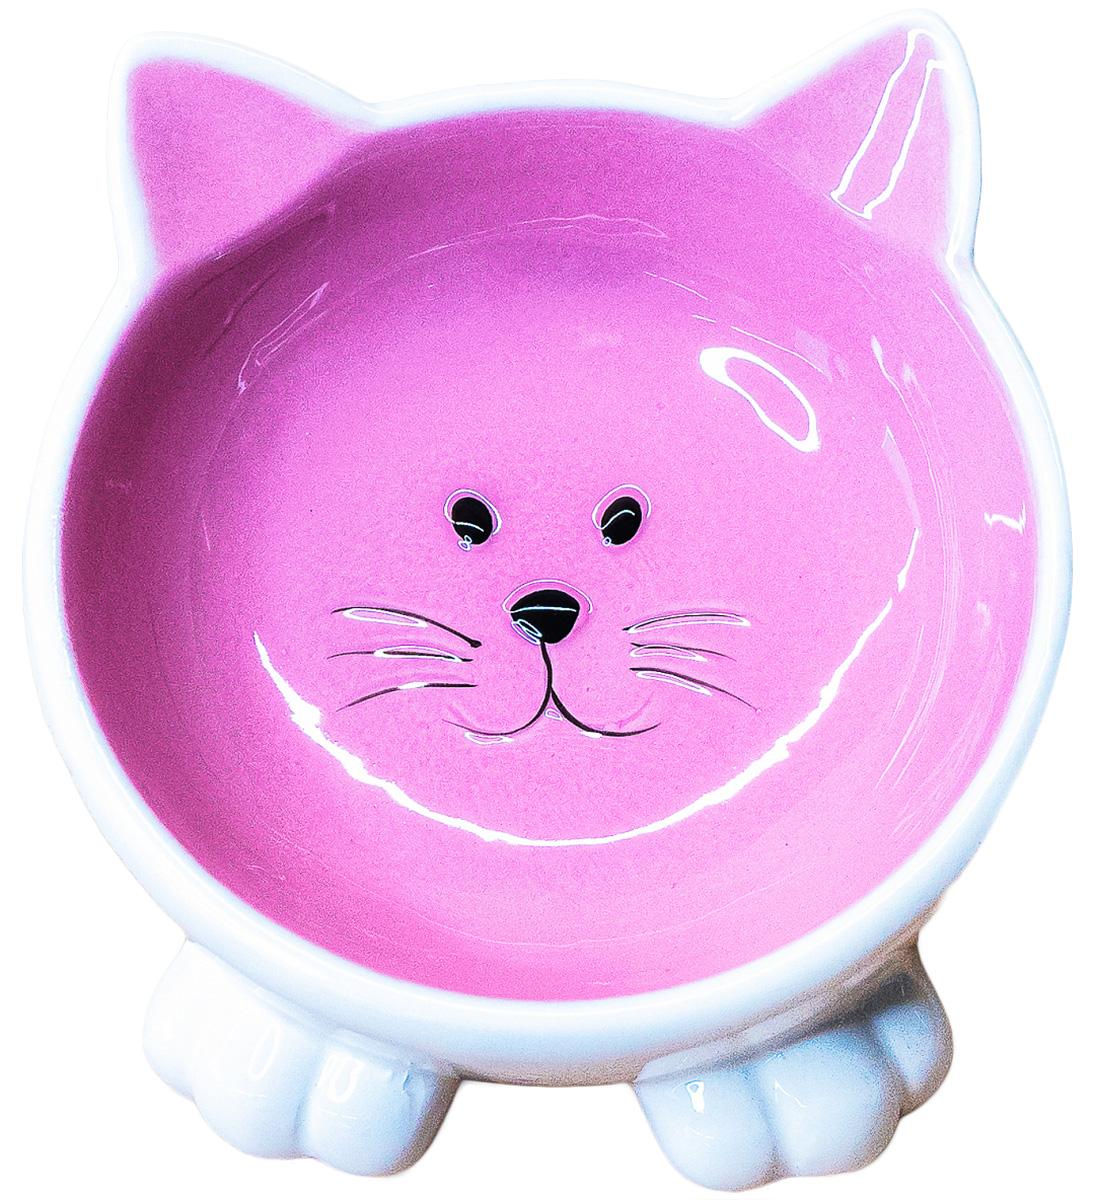 Керамическая миска для кошек КерамикАрт Мордочка кошки на ножках розовая 100 мл (100 мл) 0 pr на 100